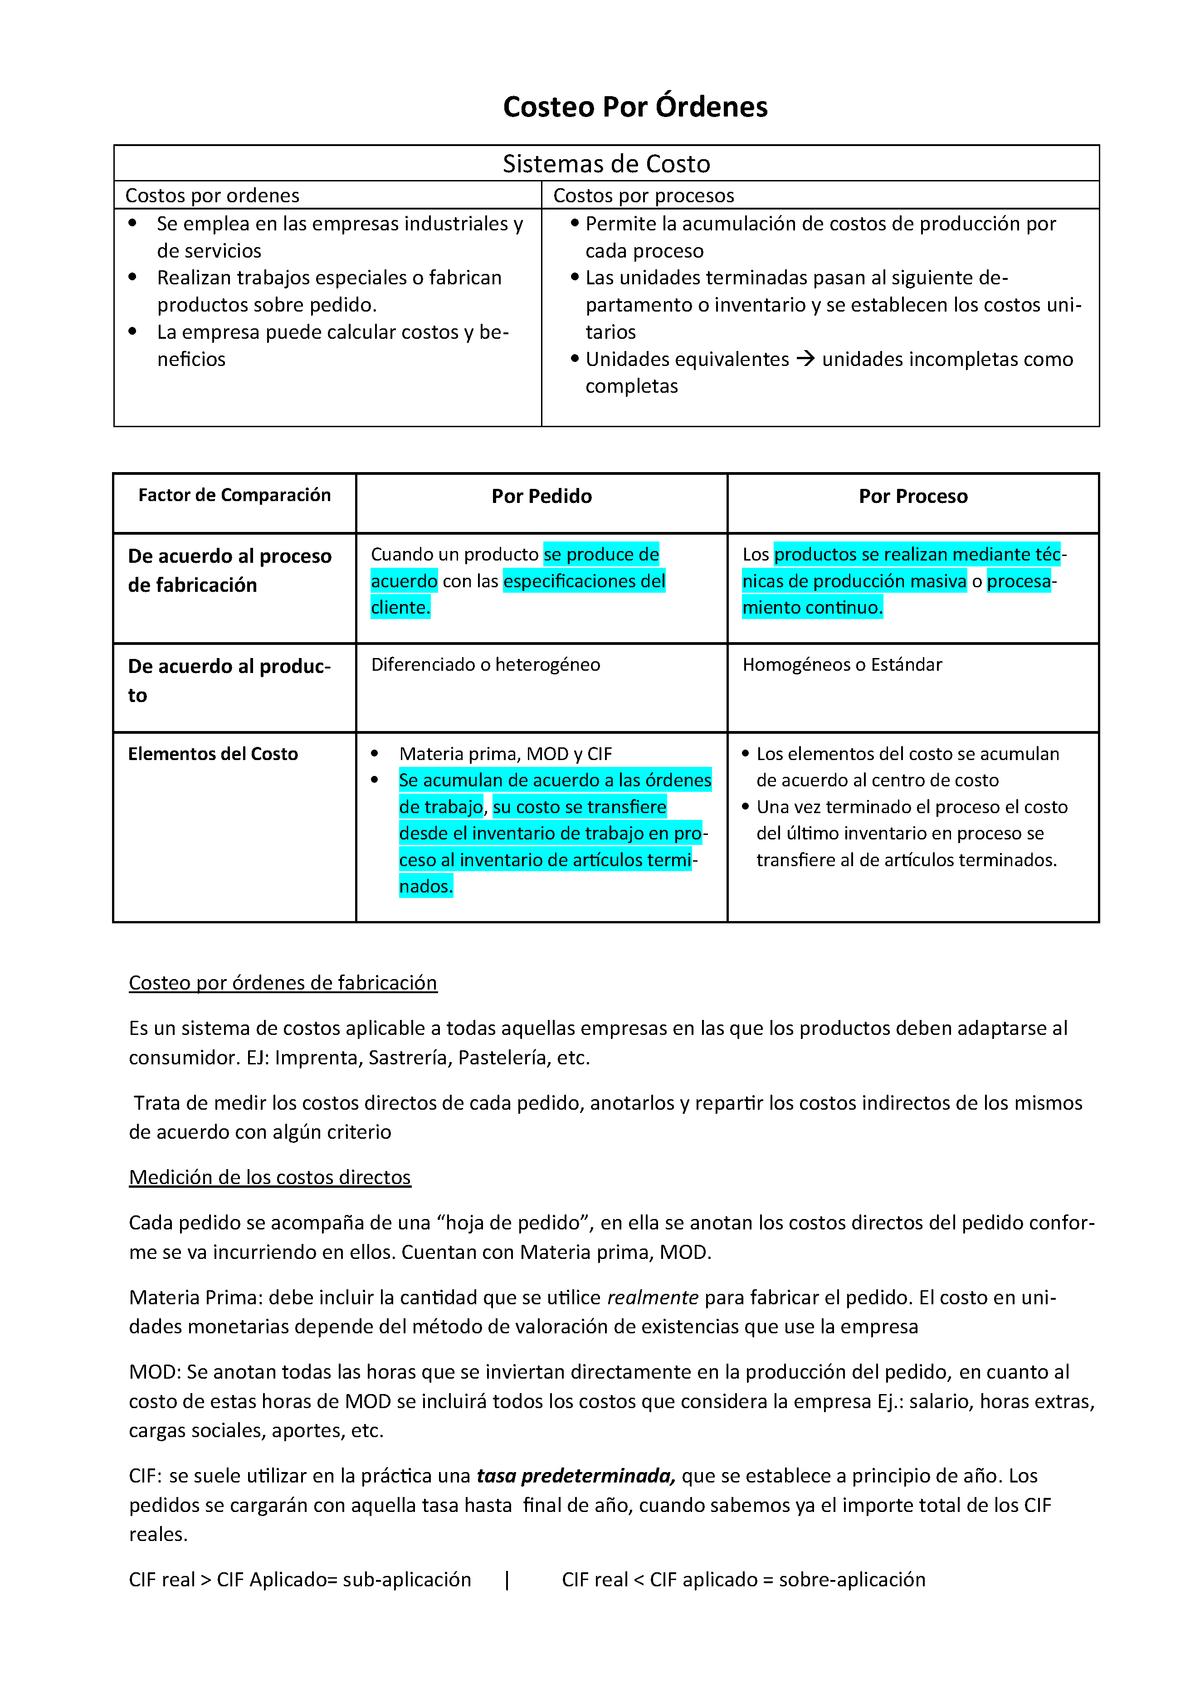 Costeo Por Órdenes - Resumen Contabilidad de costos